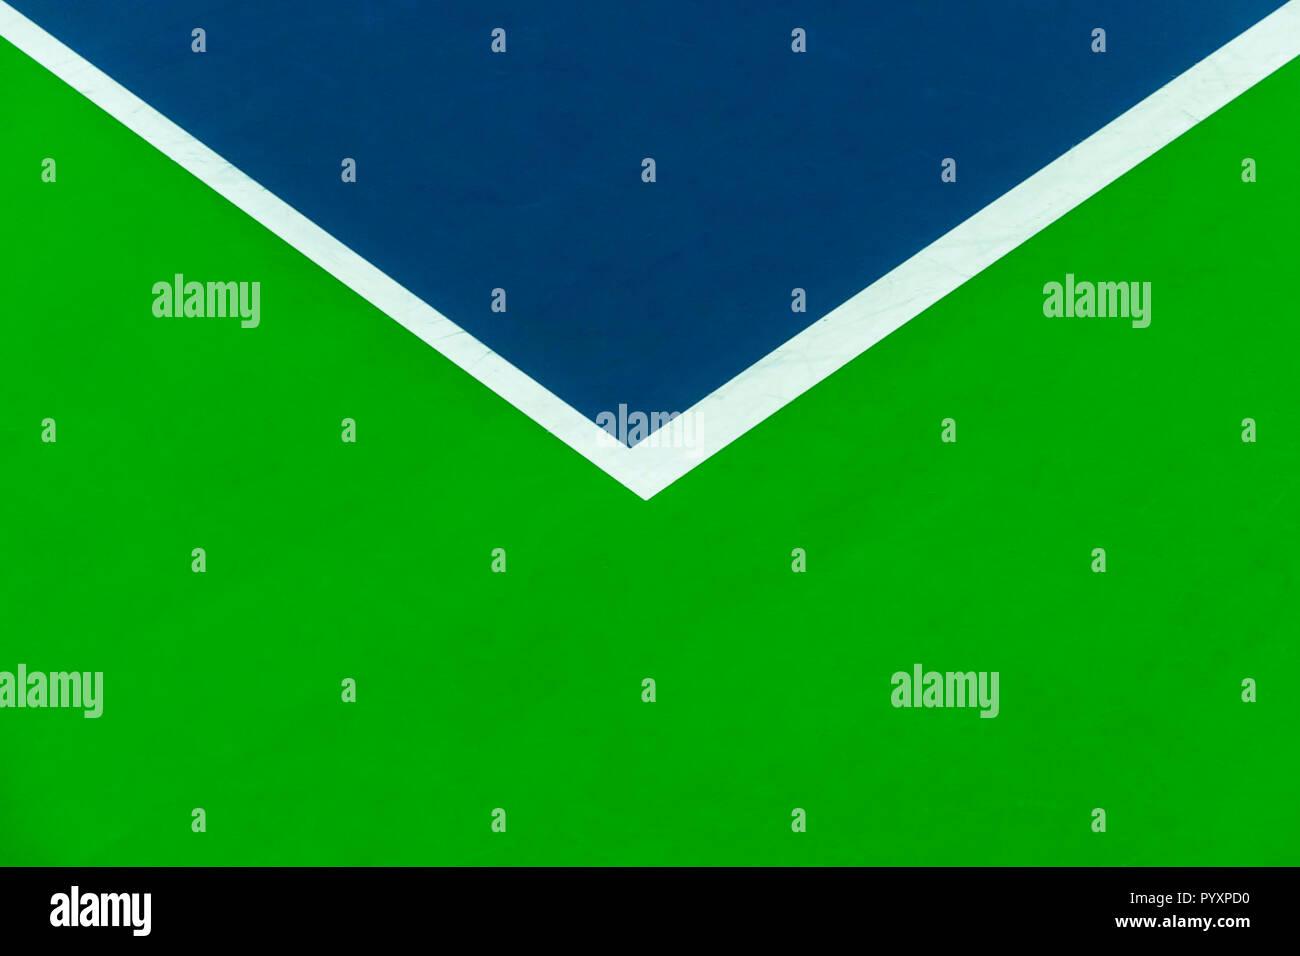 Corner white baseline on floor of tennis court - Stock Image